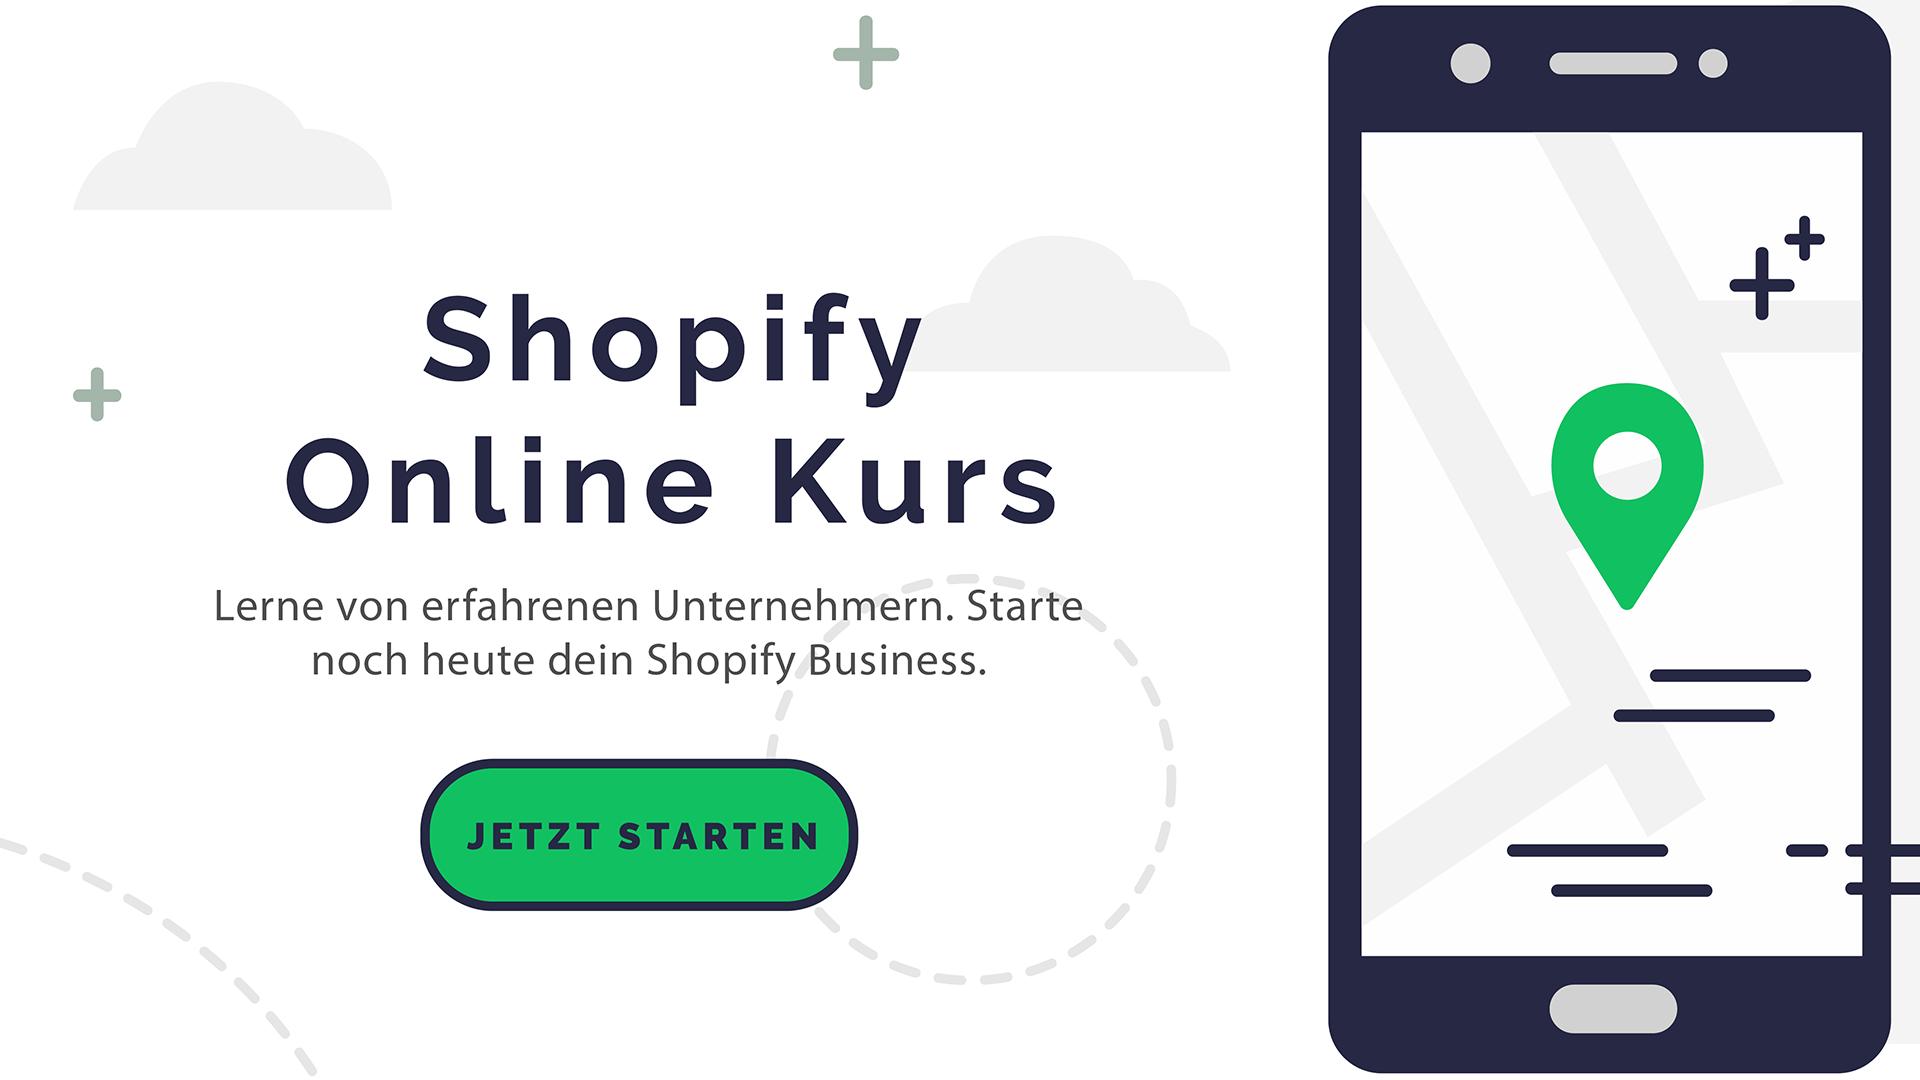 Shopify Meisterkurs für Einsteiger Partnerprogramm